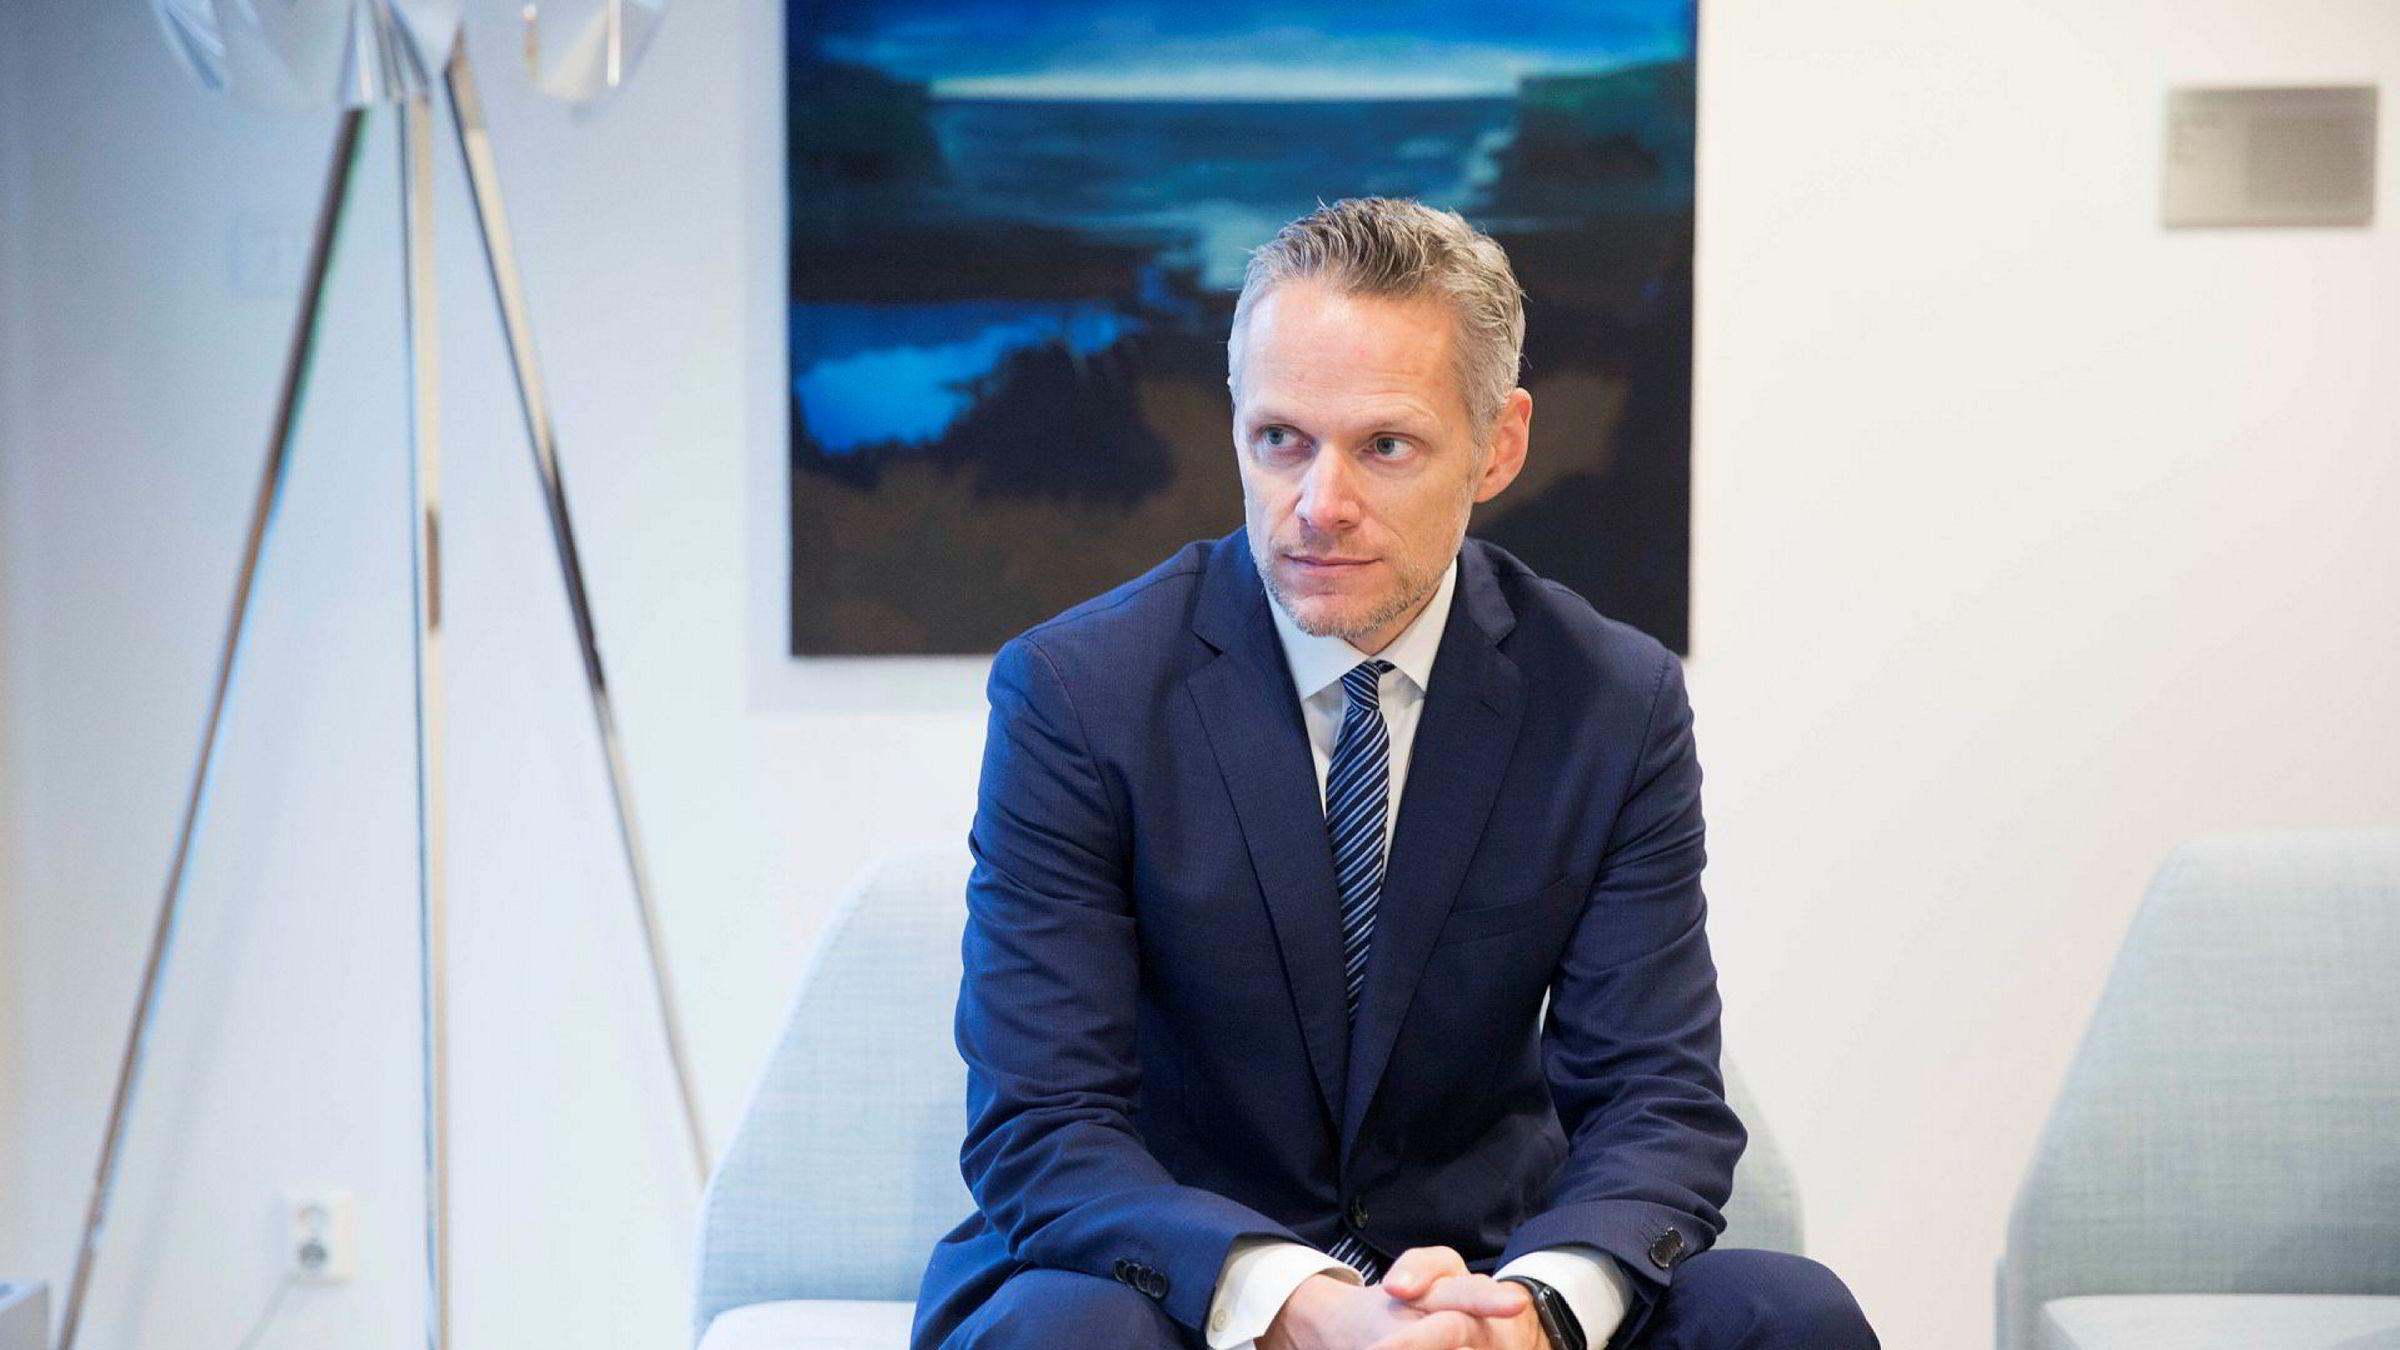 Sjefstrateg Christian Lie i Danske Bank tror på en avtale mellom USA og Kina før årsskiftet. Men innholdet i avtalen risikerer også å kunne overraske negativt.